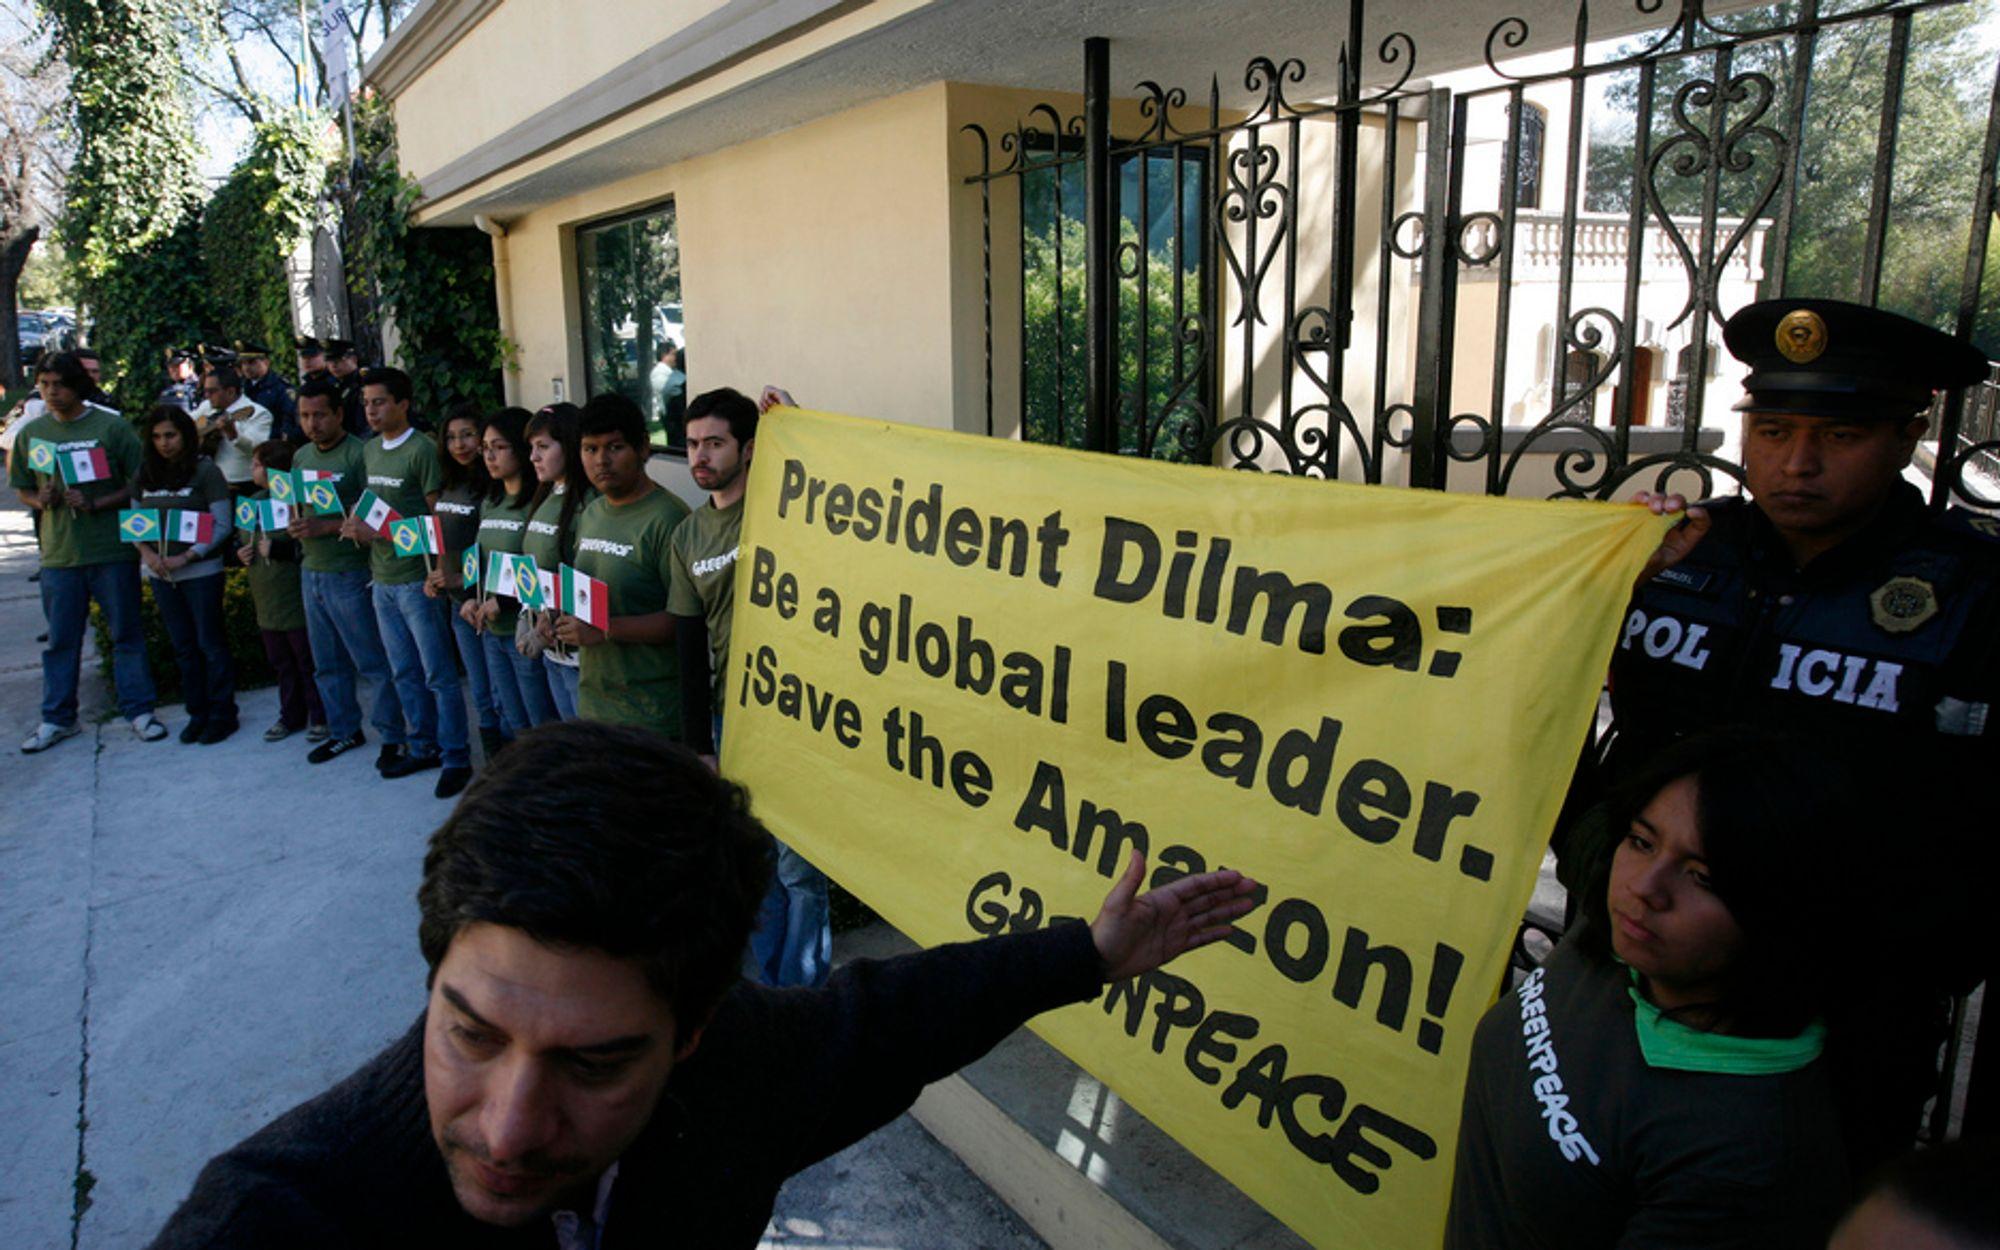 Miljøvernere reagerer kraftig på den nye skogloven i Brasil, som åpner for økt hogst av regnskog og gir amnesti til tidligere miljøkriminelle.